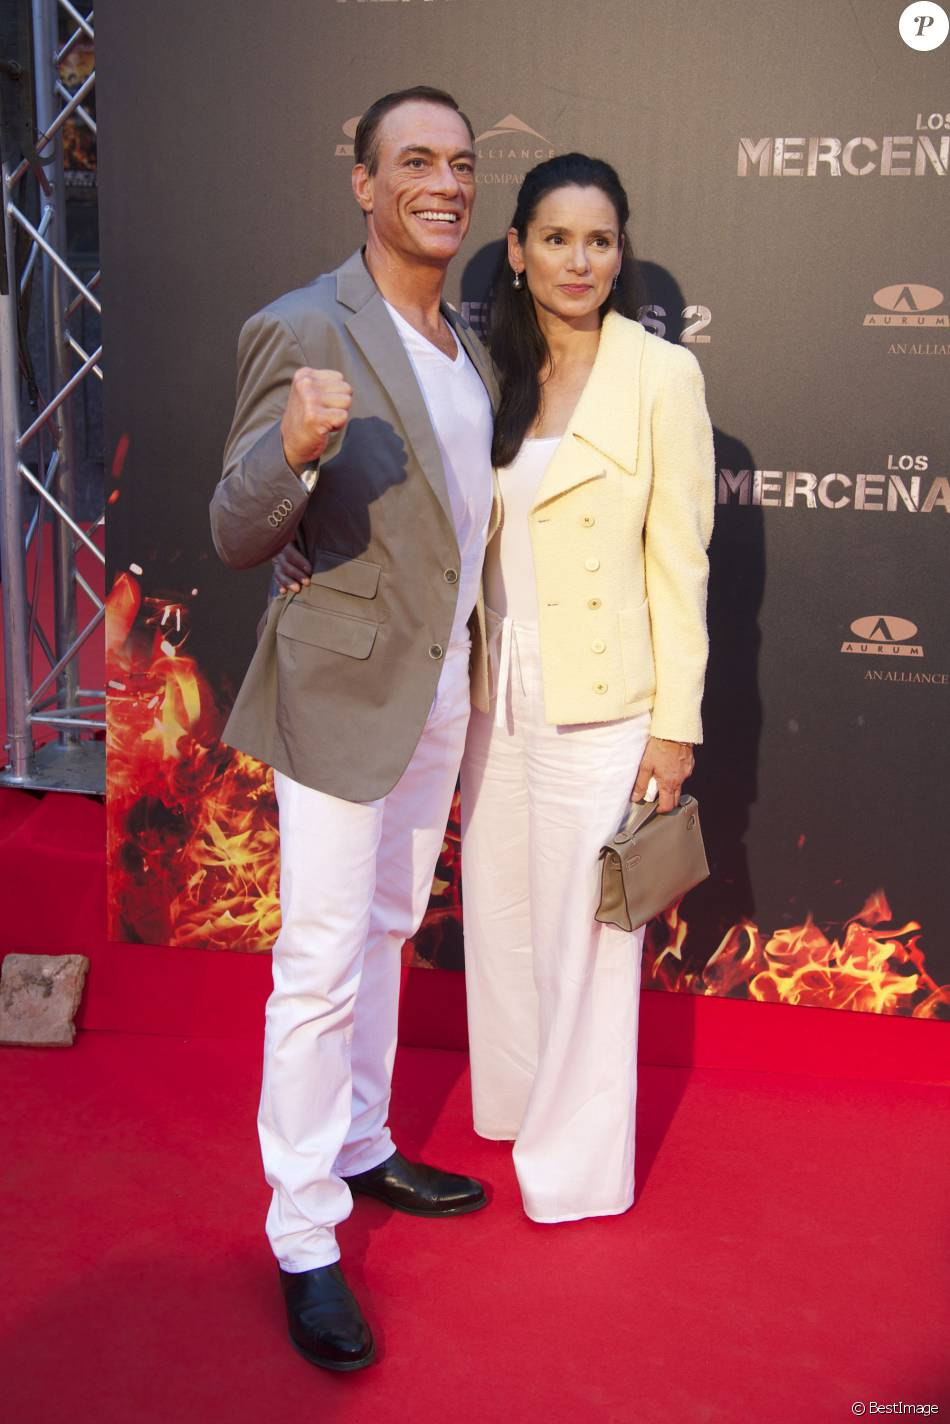 Jean claude van damme et sa femme gladys portugues la premi re du film expandables 2 madrid - Jean francois balmer et sa femme ...